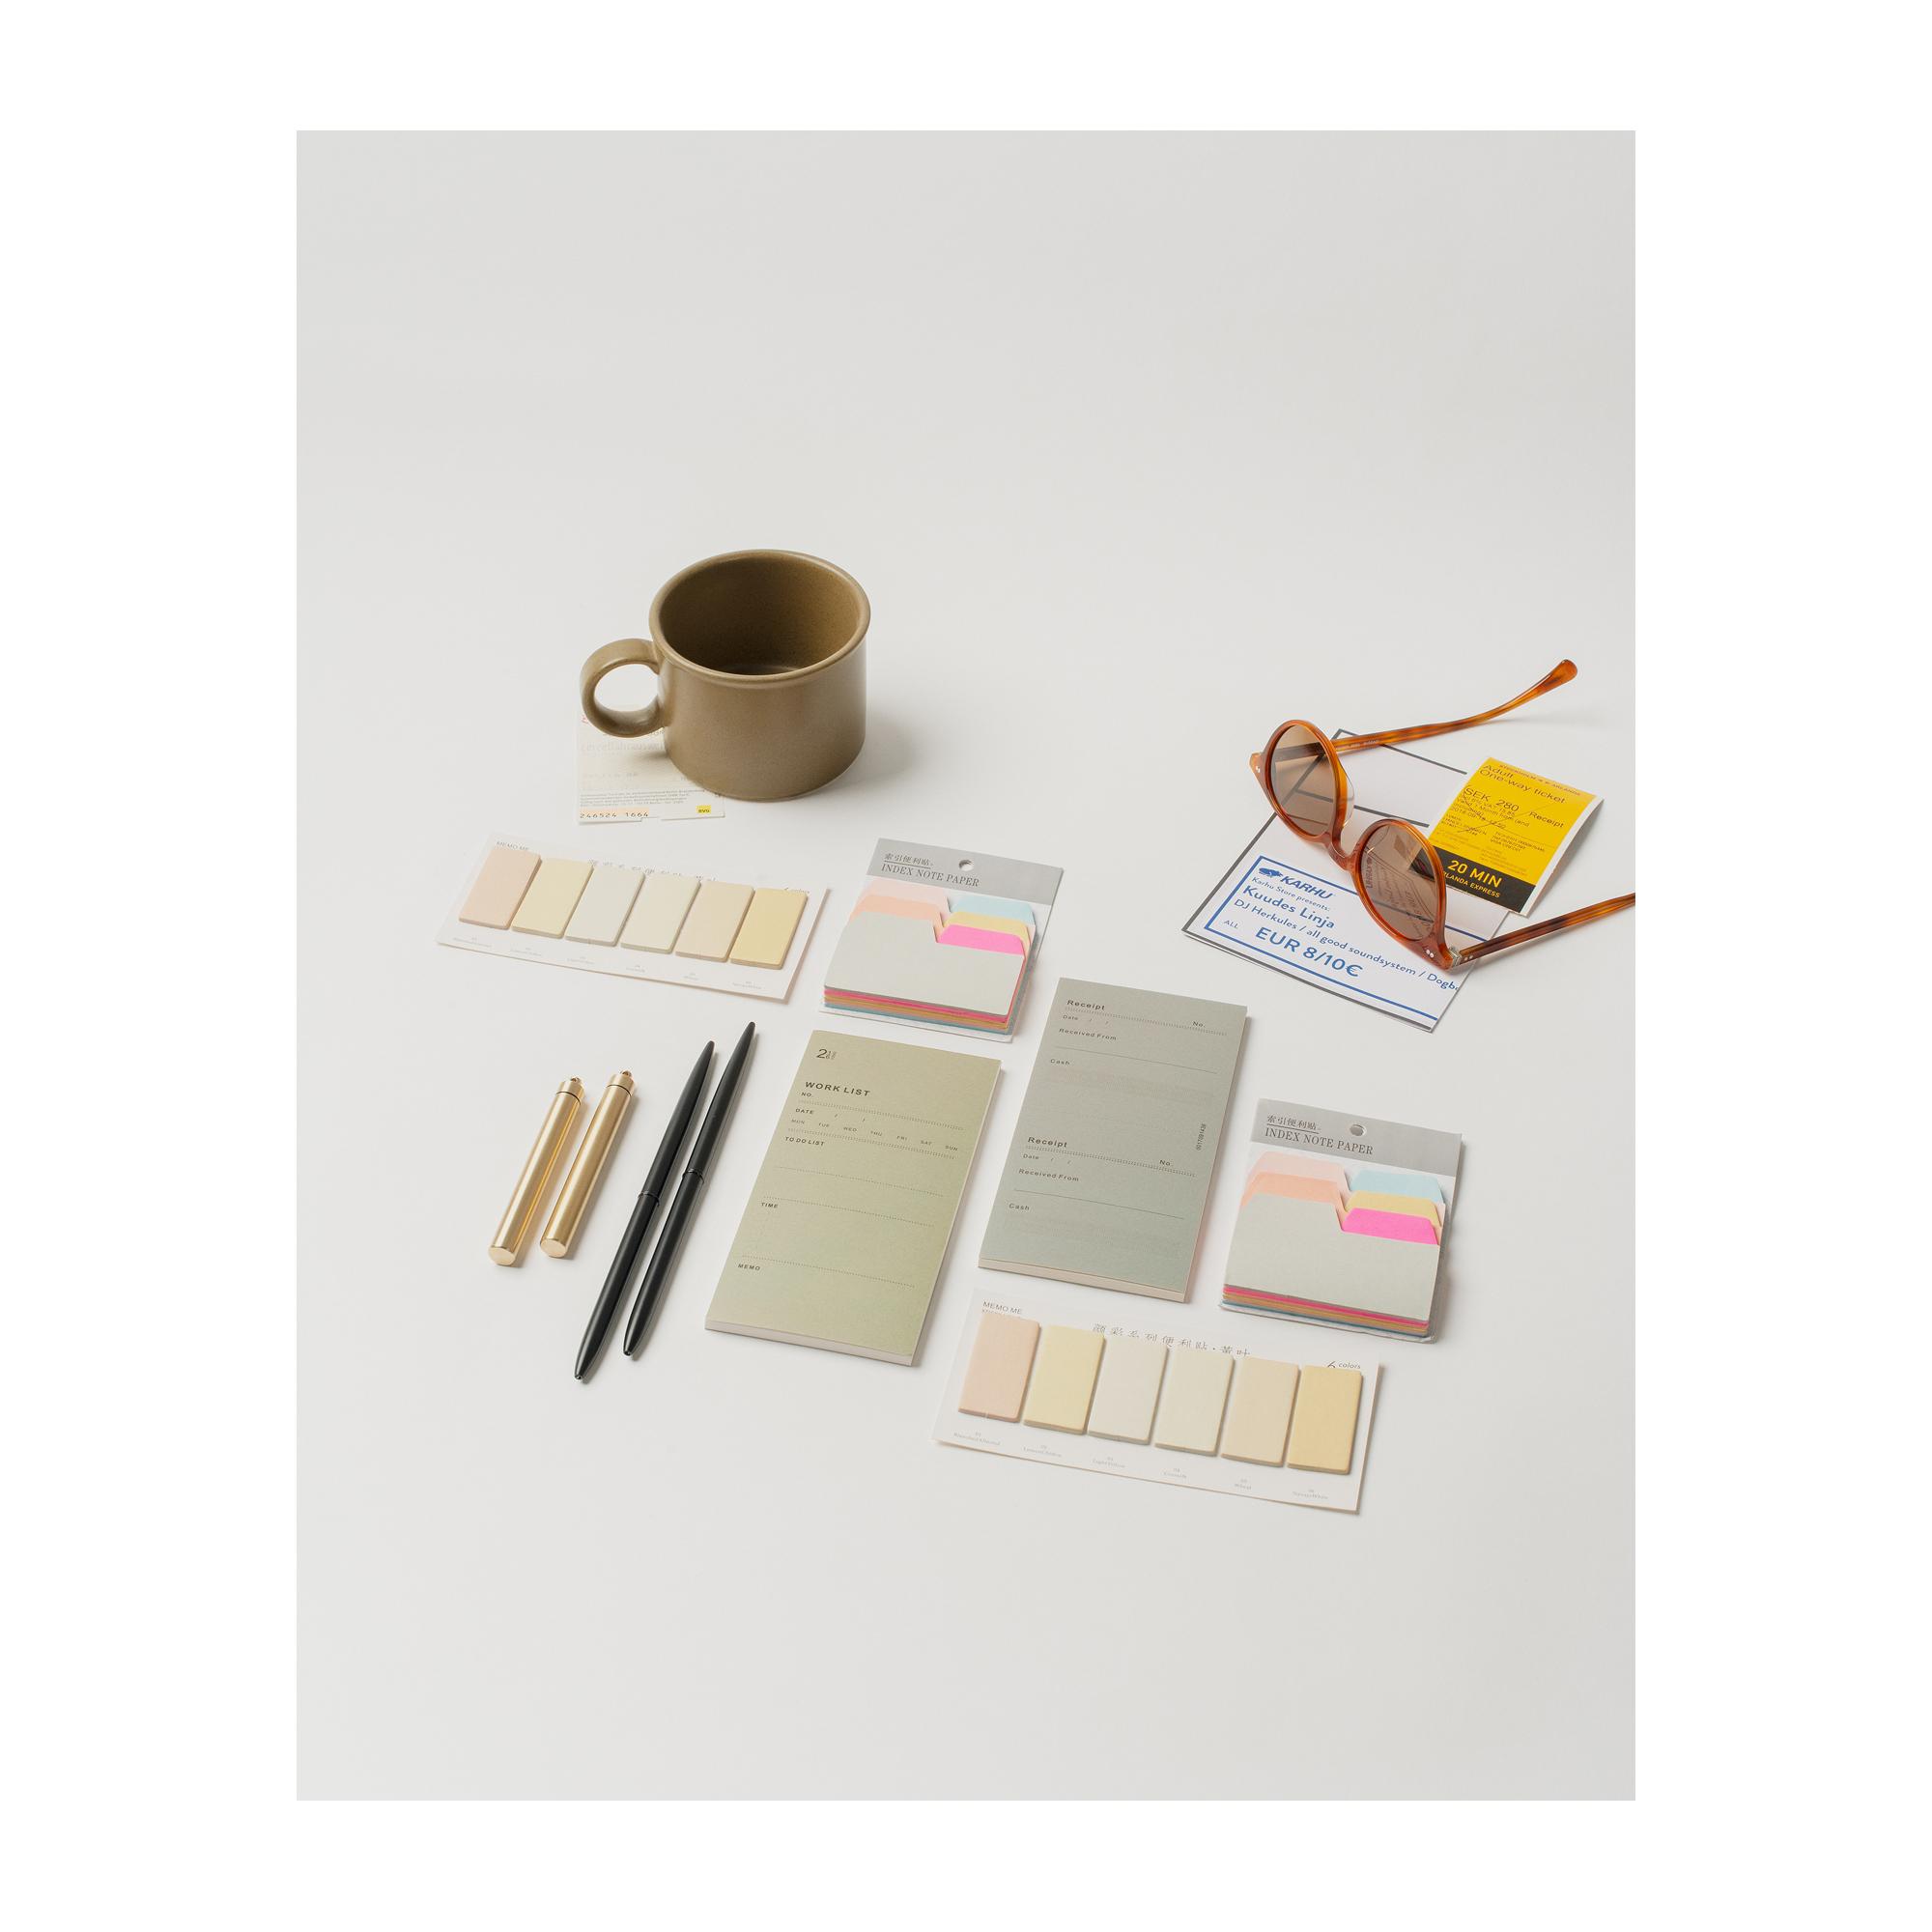 Stationery-1.JPG